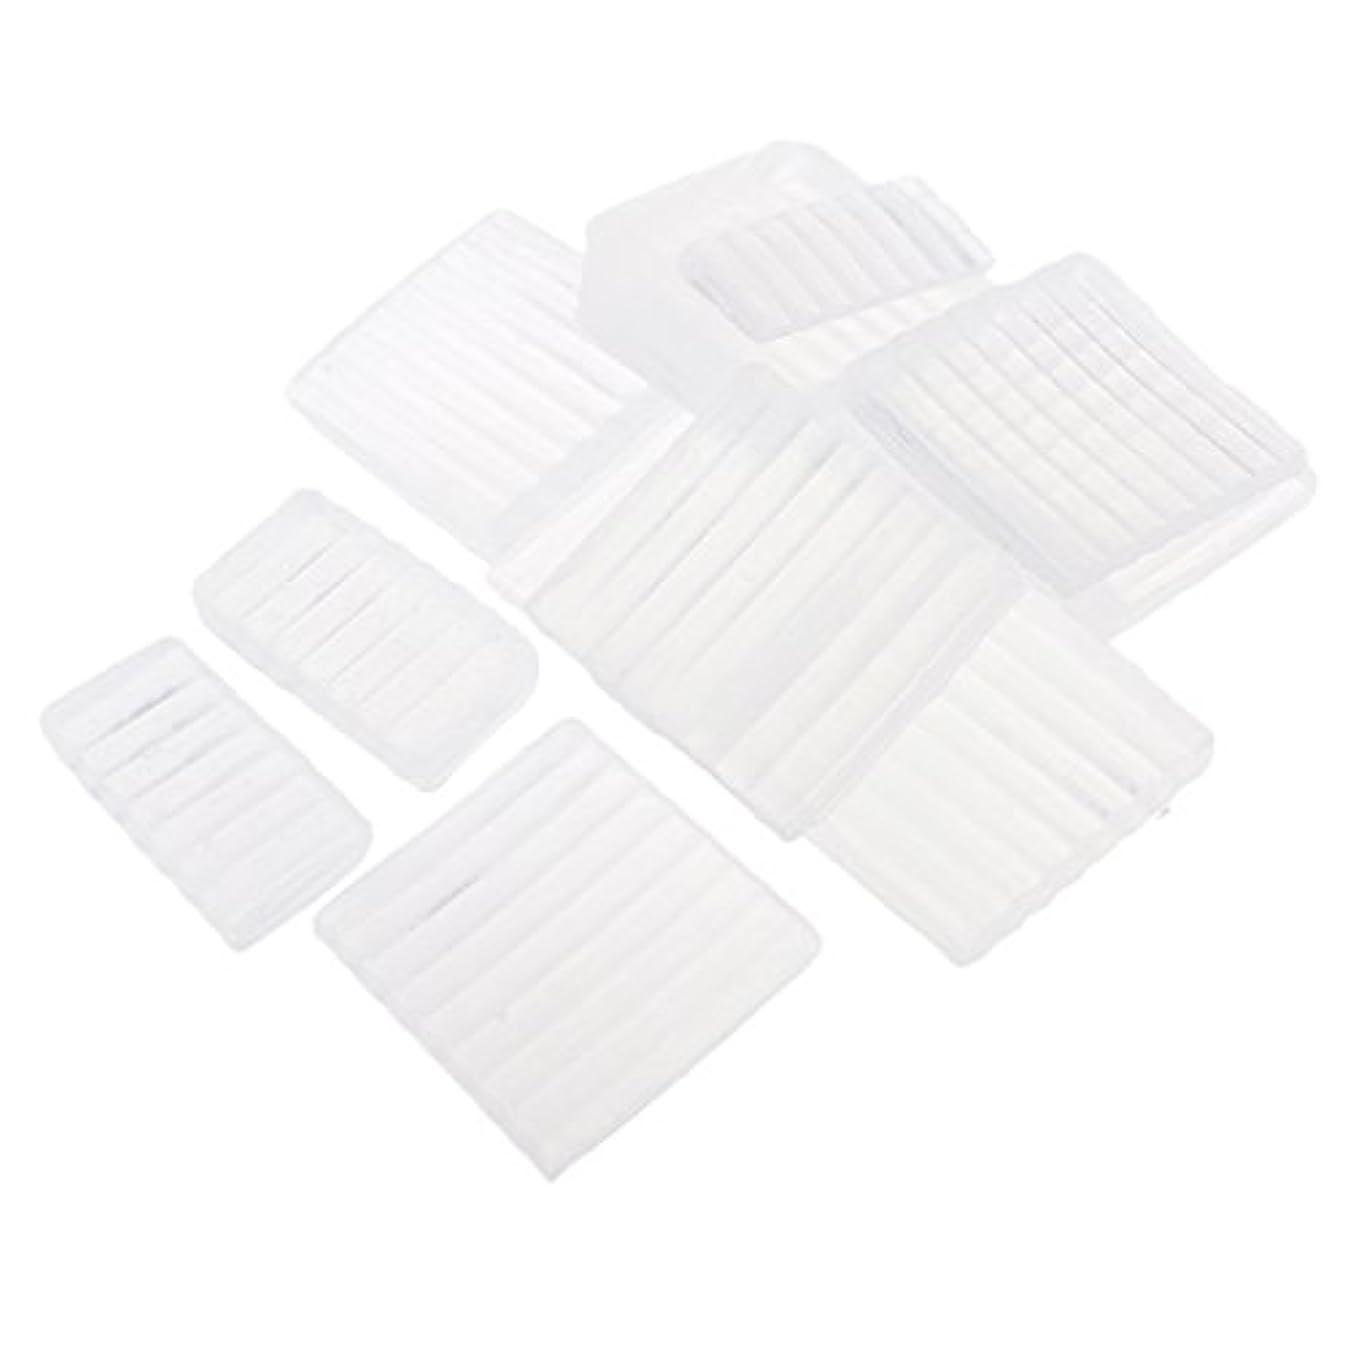 ブッシュドレスレインコートPerfeclan 約500g ホワイト 透明 石鹸ベース DIY 手作り 石鹸 材料